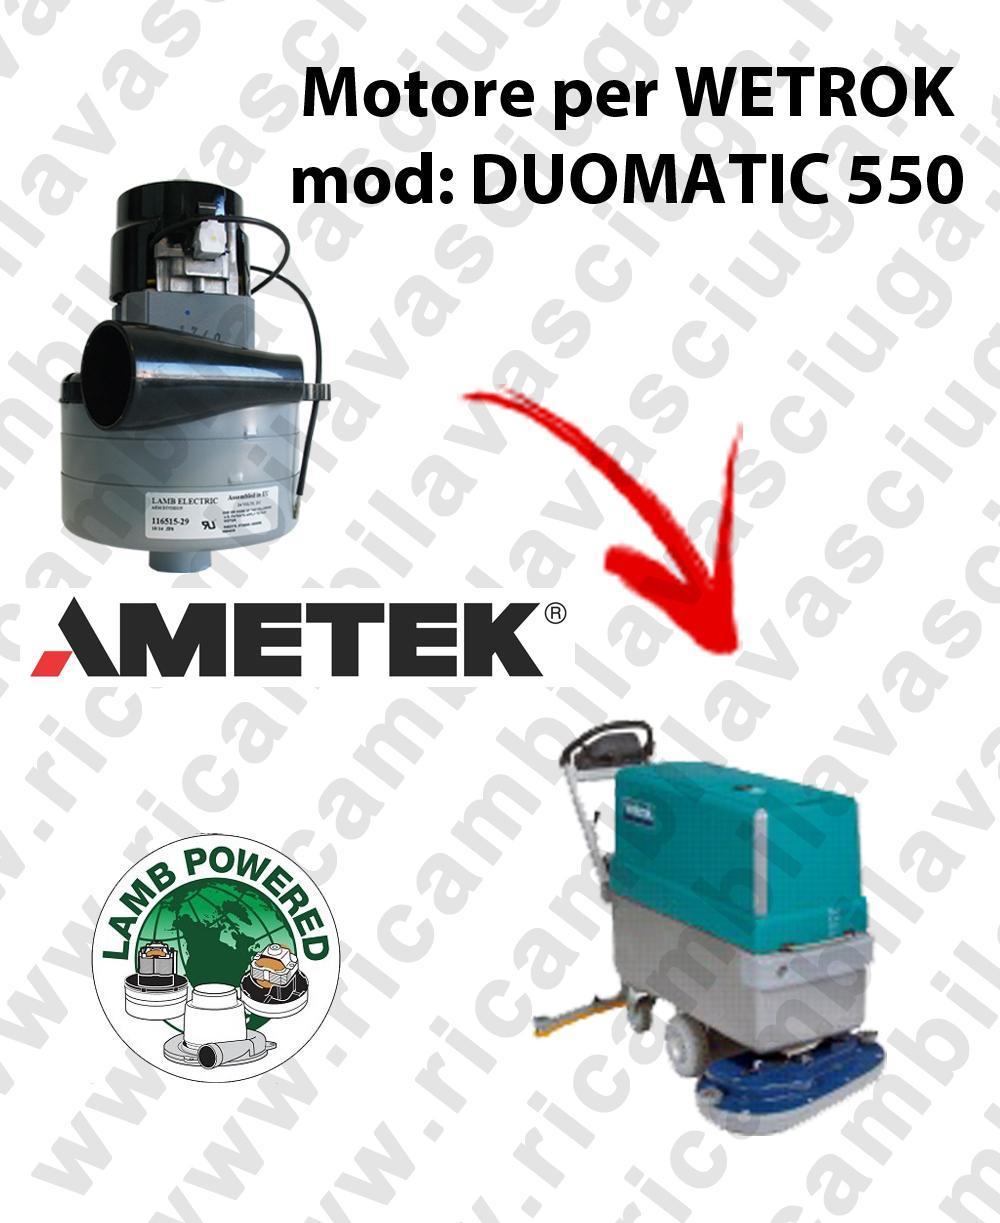 DUOMATIC 550 LAMB AMETEK vacuum motor for scrubber dryer WETROK